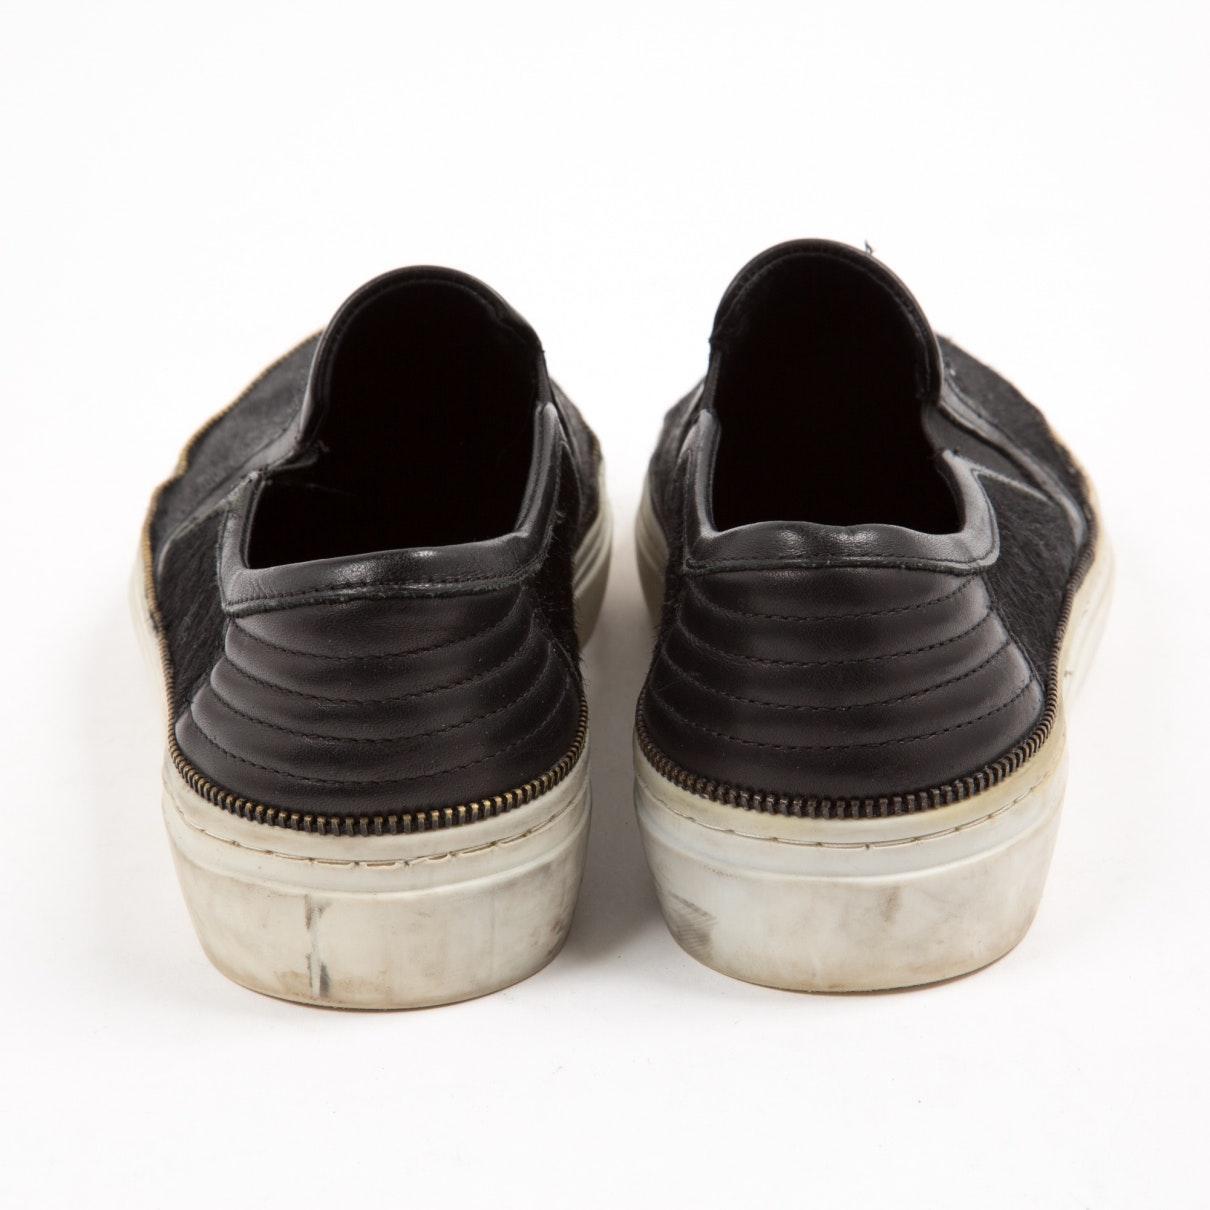 Deportivas en piel de potro de imitación negro The Kooples de Cuero de color Negro